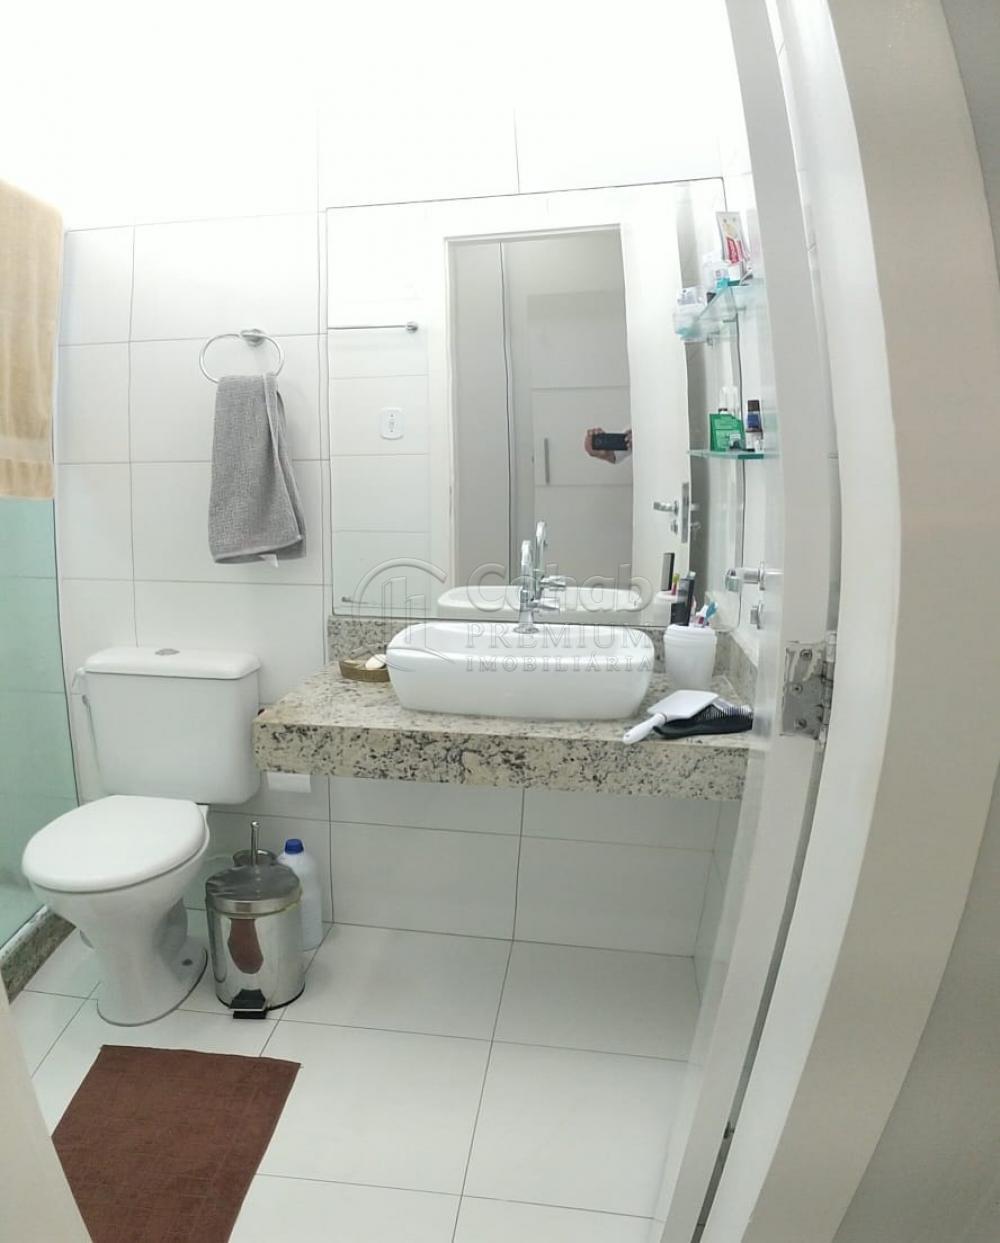 Comprar Casa / Condomínio em Aracaju apenas R$ 1.350.000,00 - Foto 19